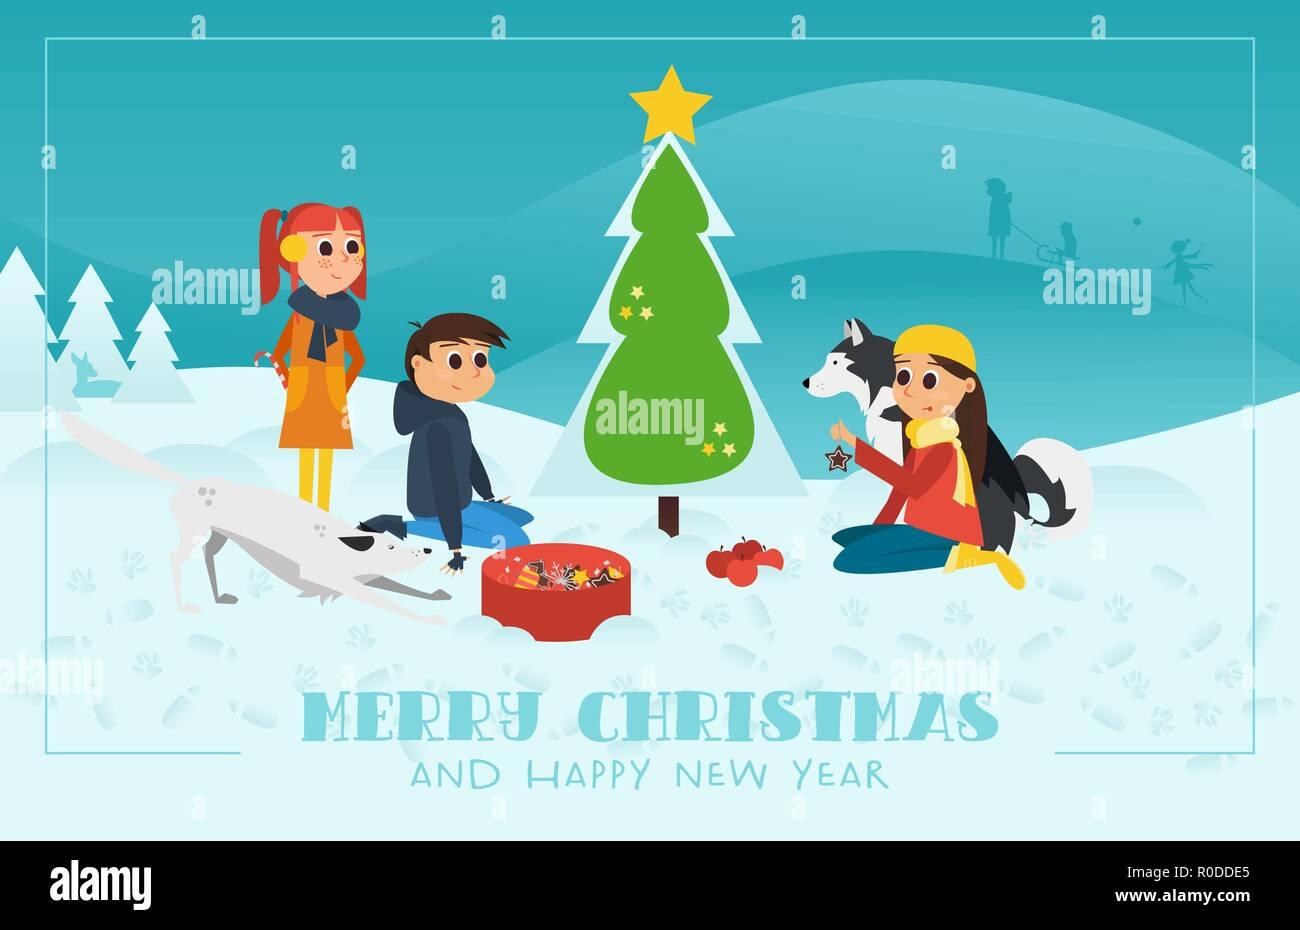 Biglietti Buon Natale Bambini.Illustrazione Vettoriale Natale Biglietto Di Auguri Con Testo